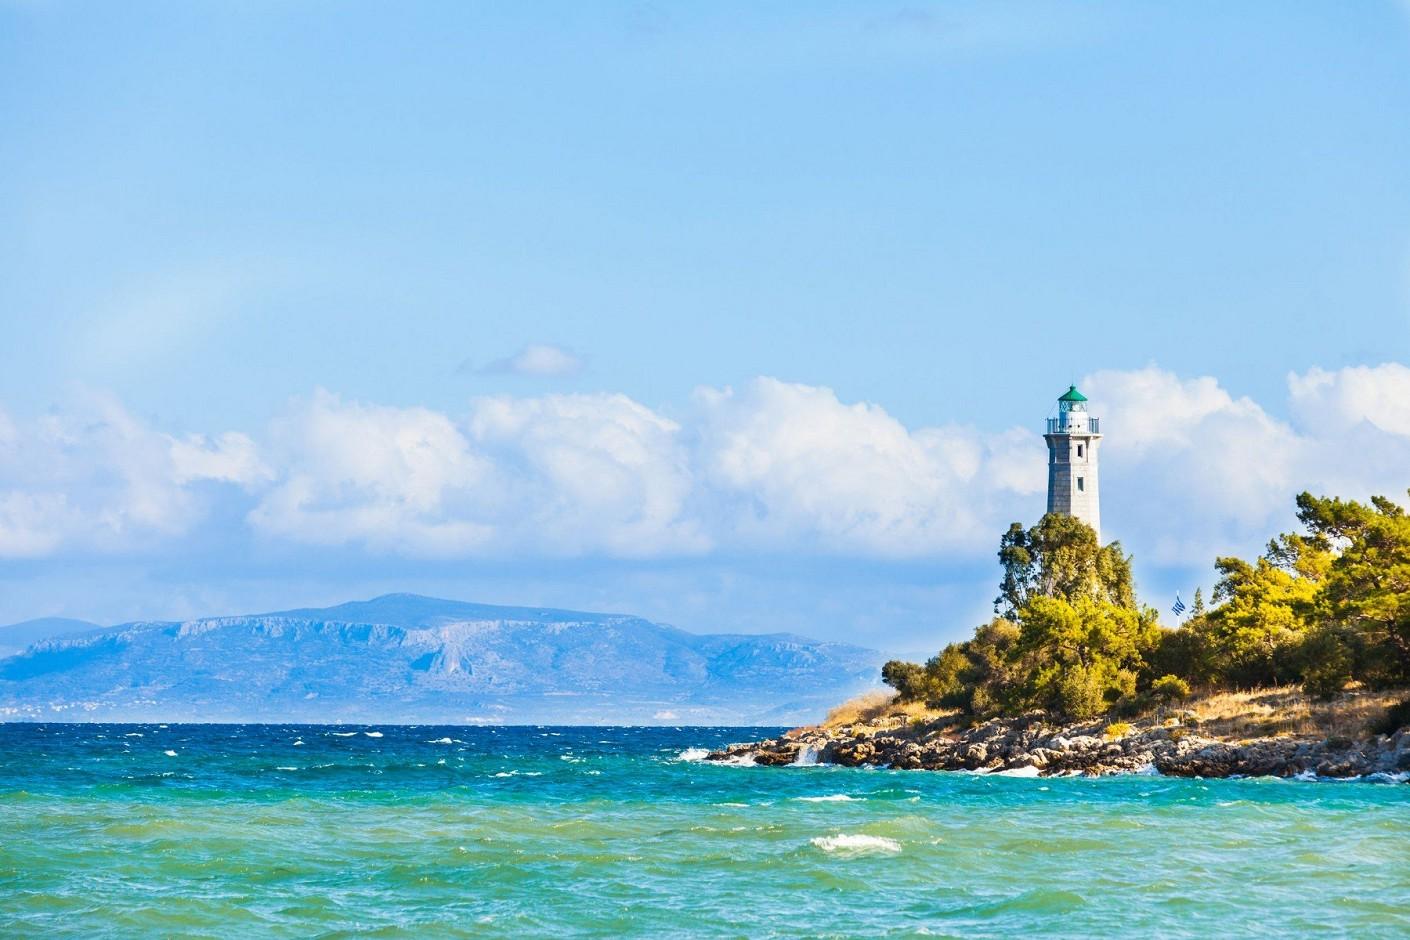 Ką verta žinoti prieš vykstant į Peloponeso pusiasalį?